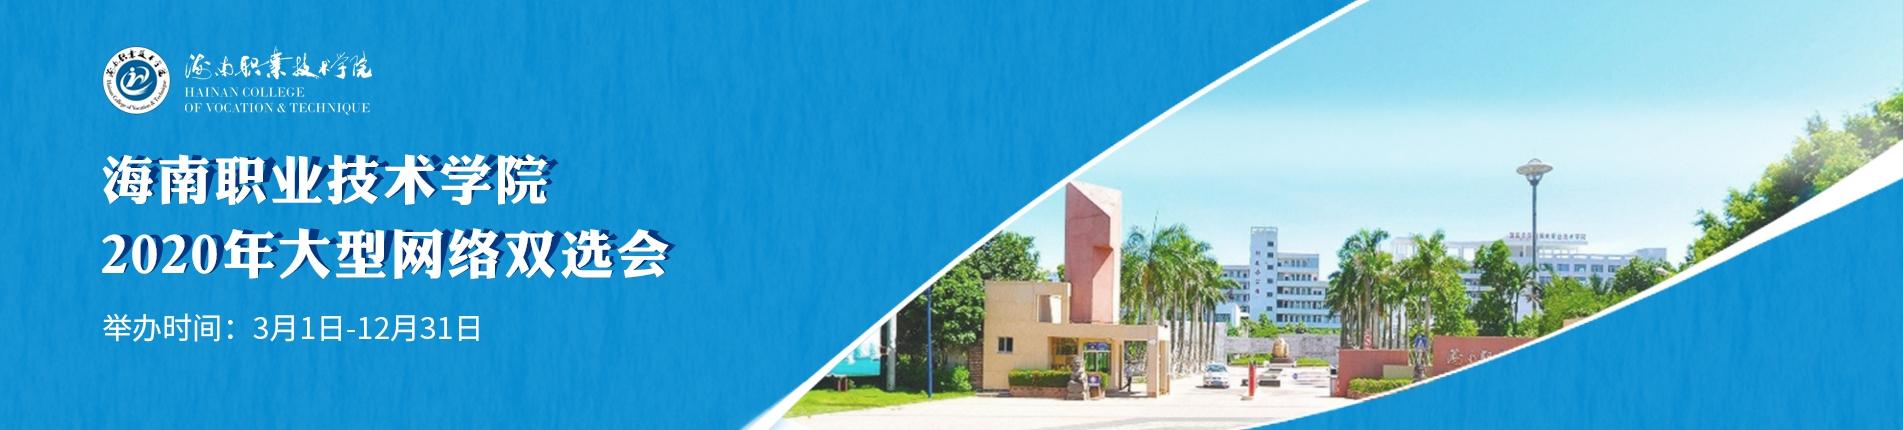 海南职业技术学院2020年大型网络双选会